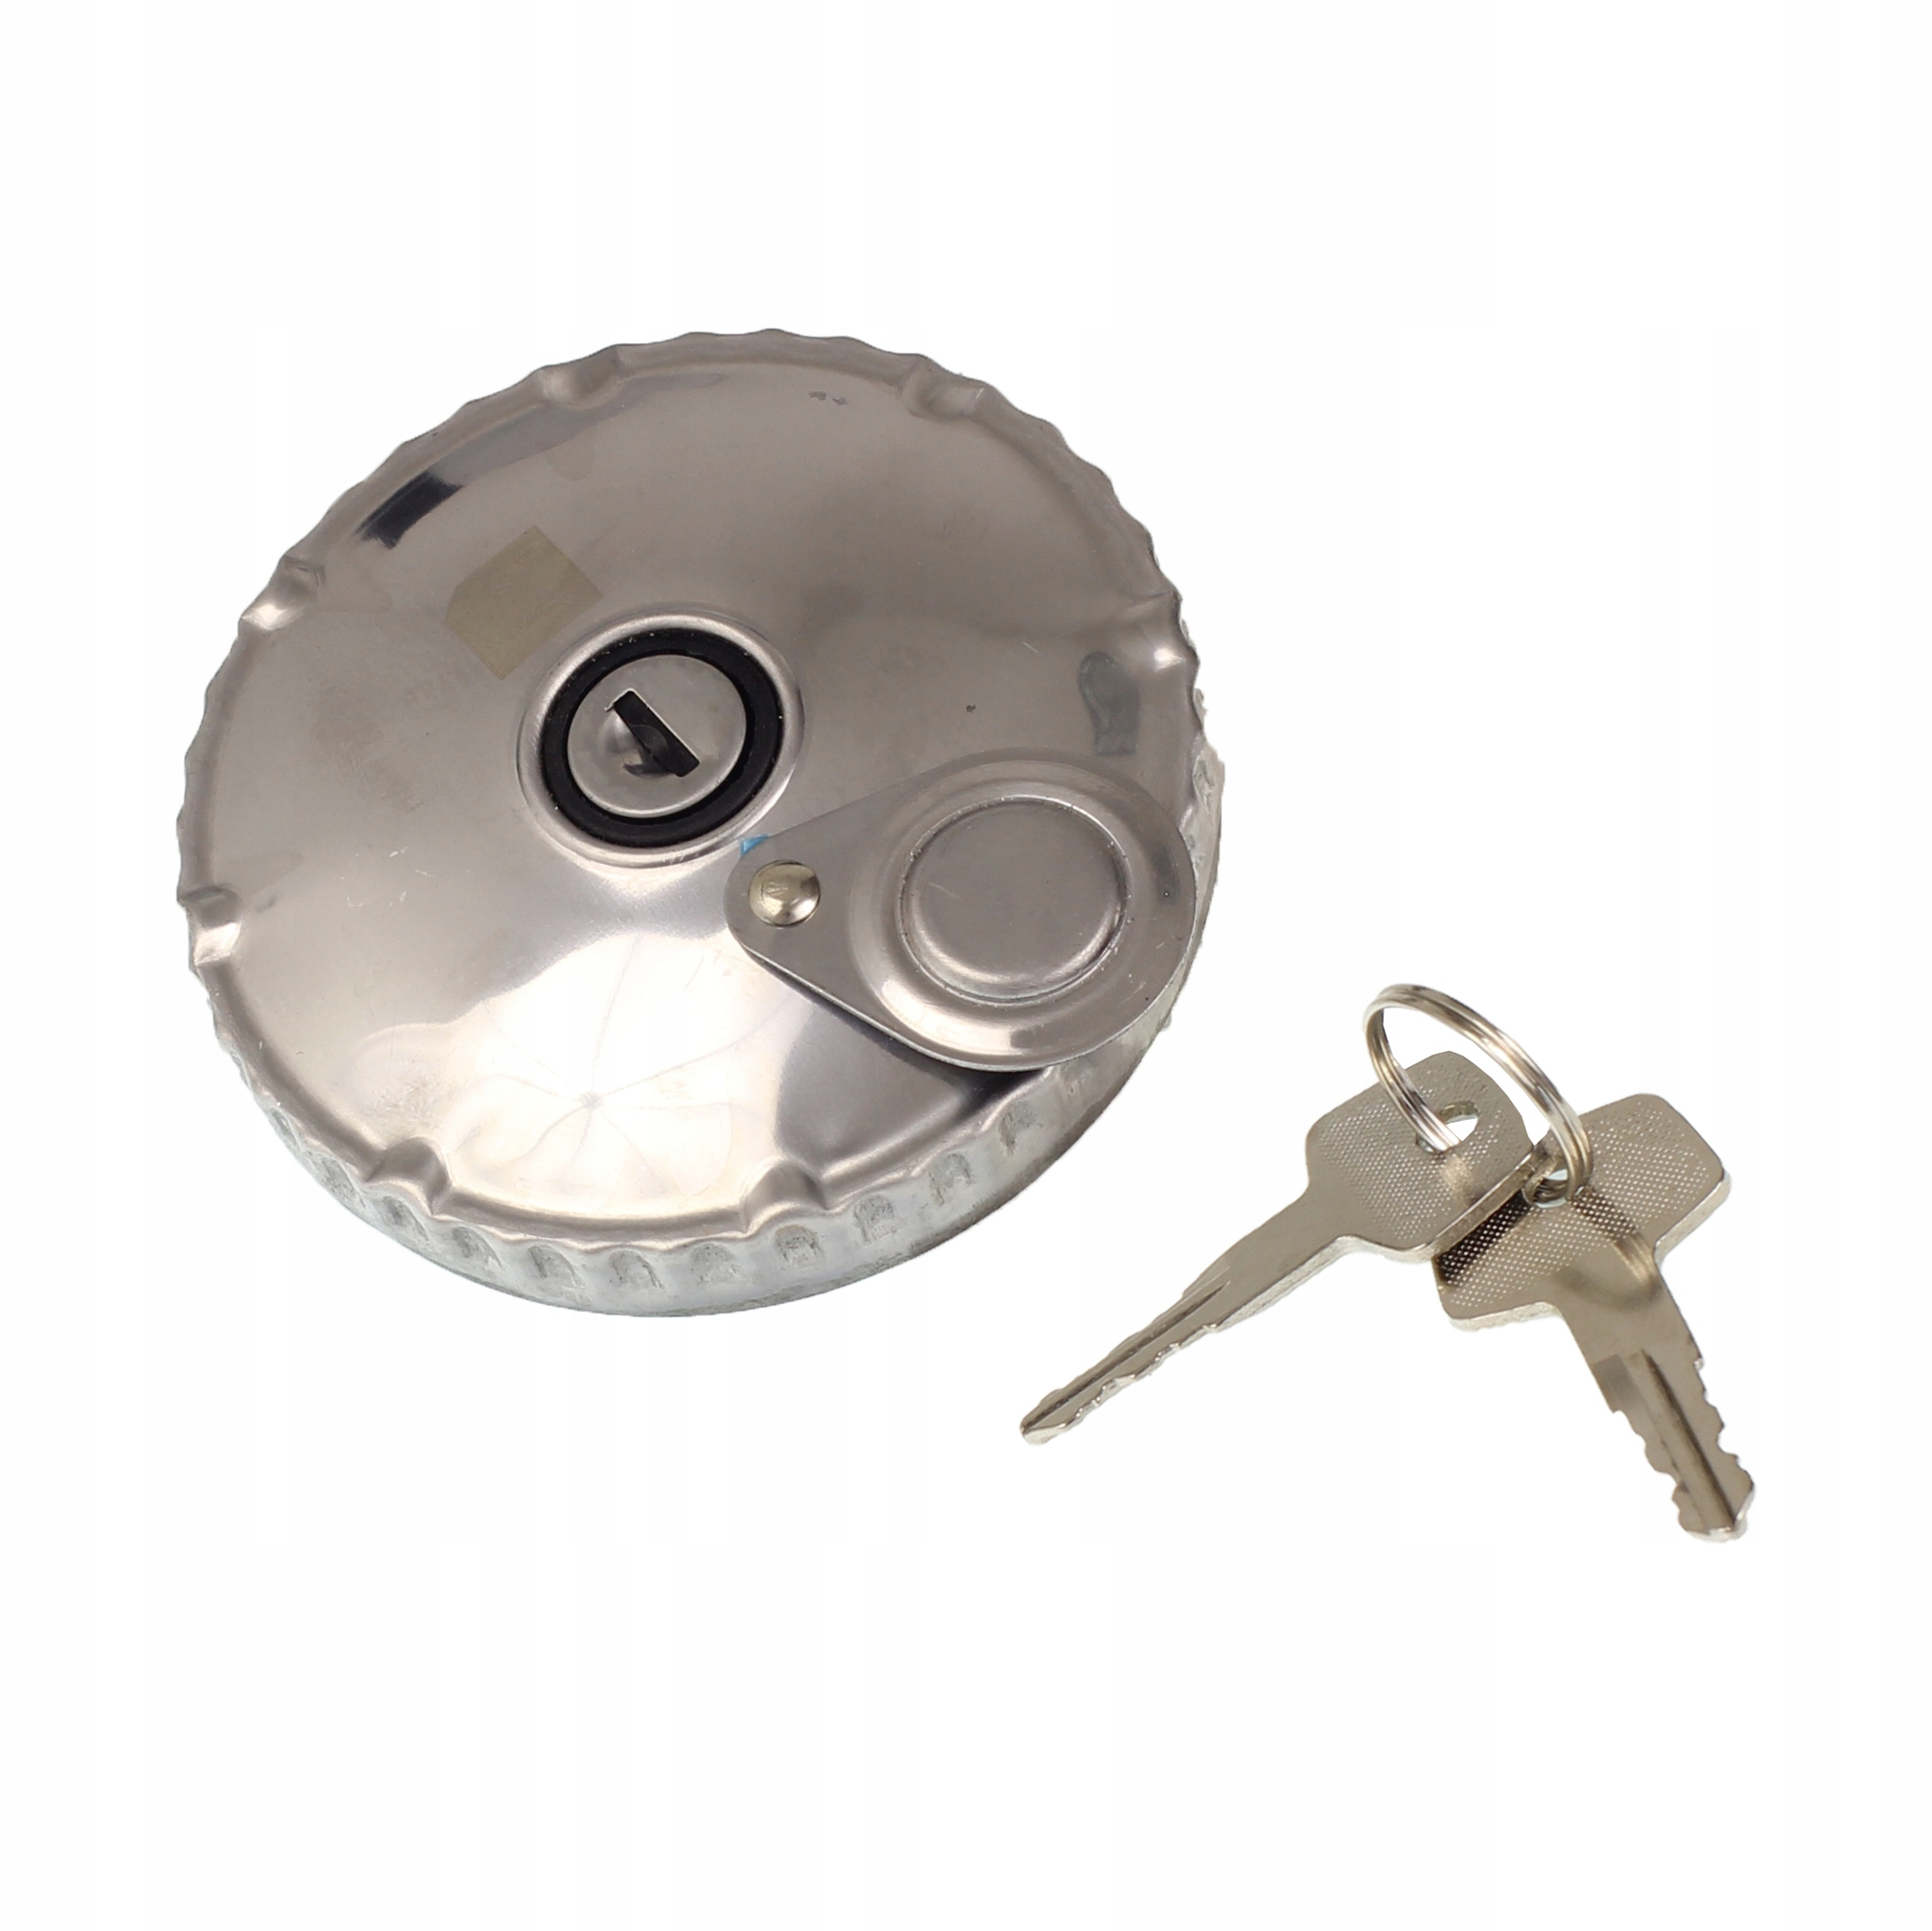 пробка настой топлива fi 60mm z ключ универсальный